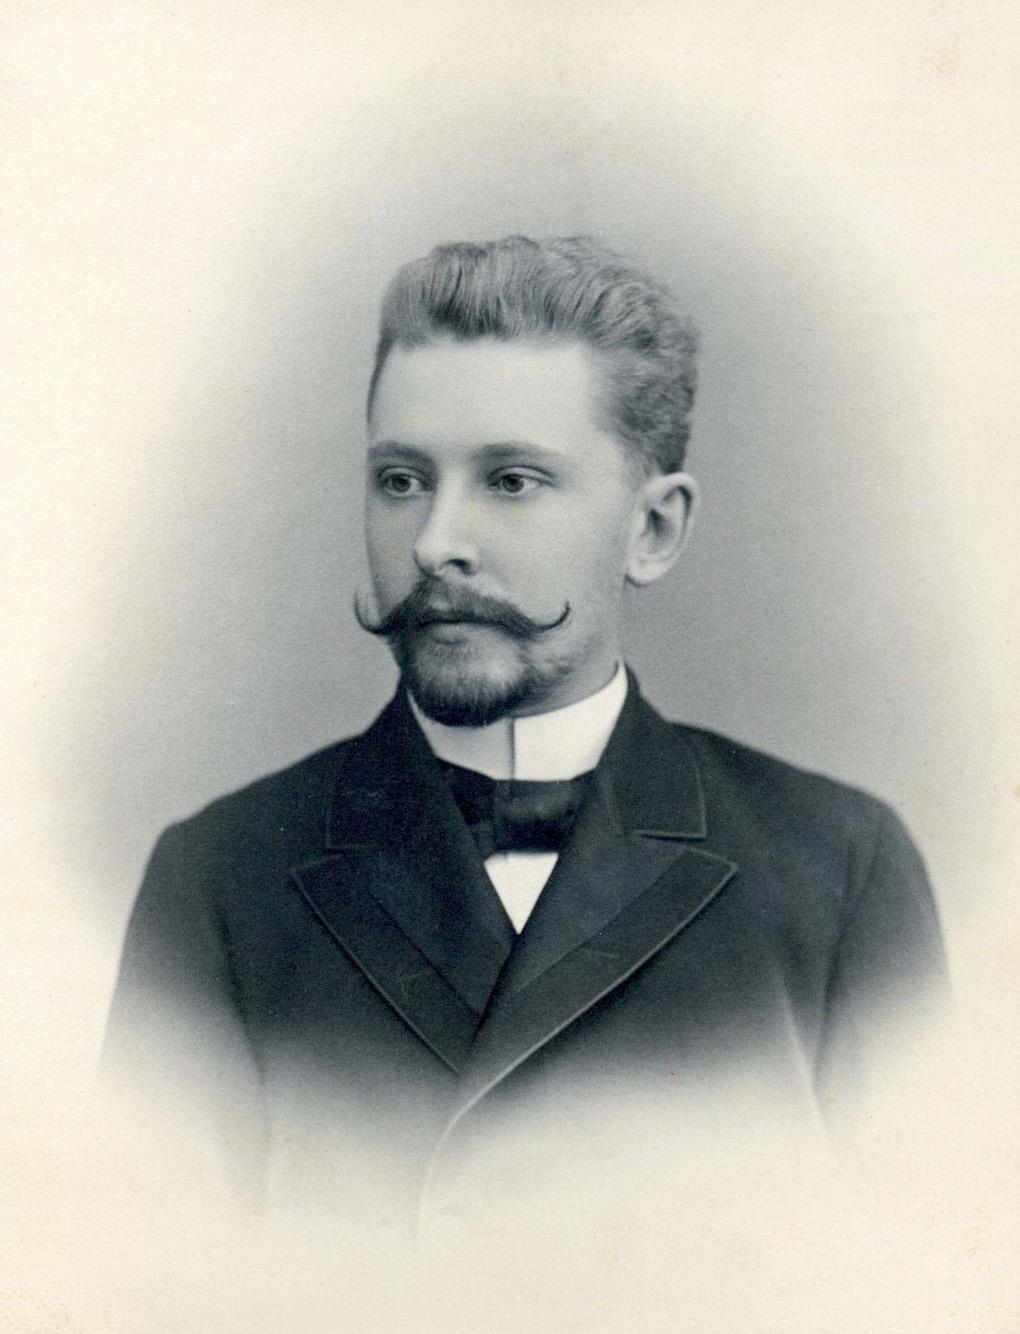 Рис. 4. Георгий Карпович Рахманов. Источник: частная коллекция.